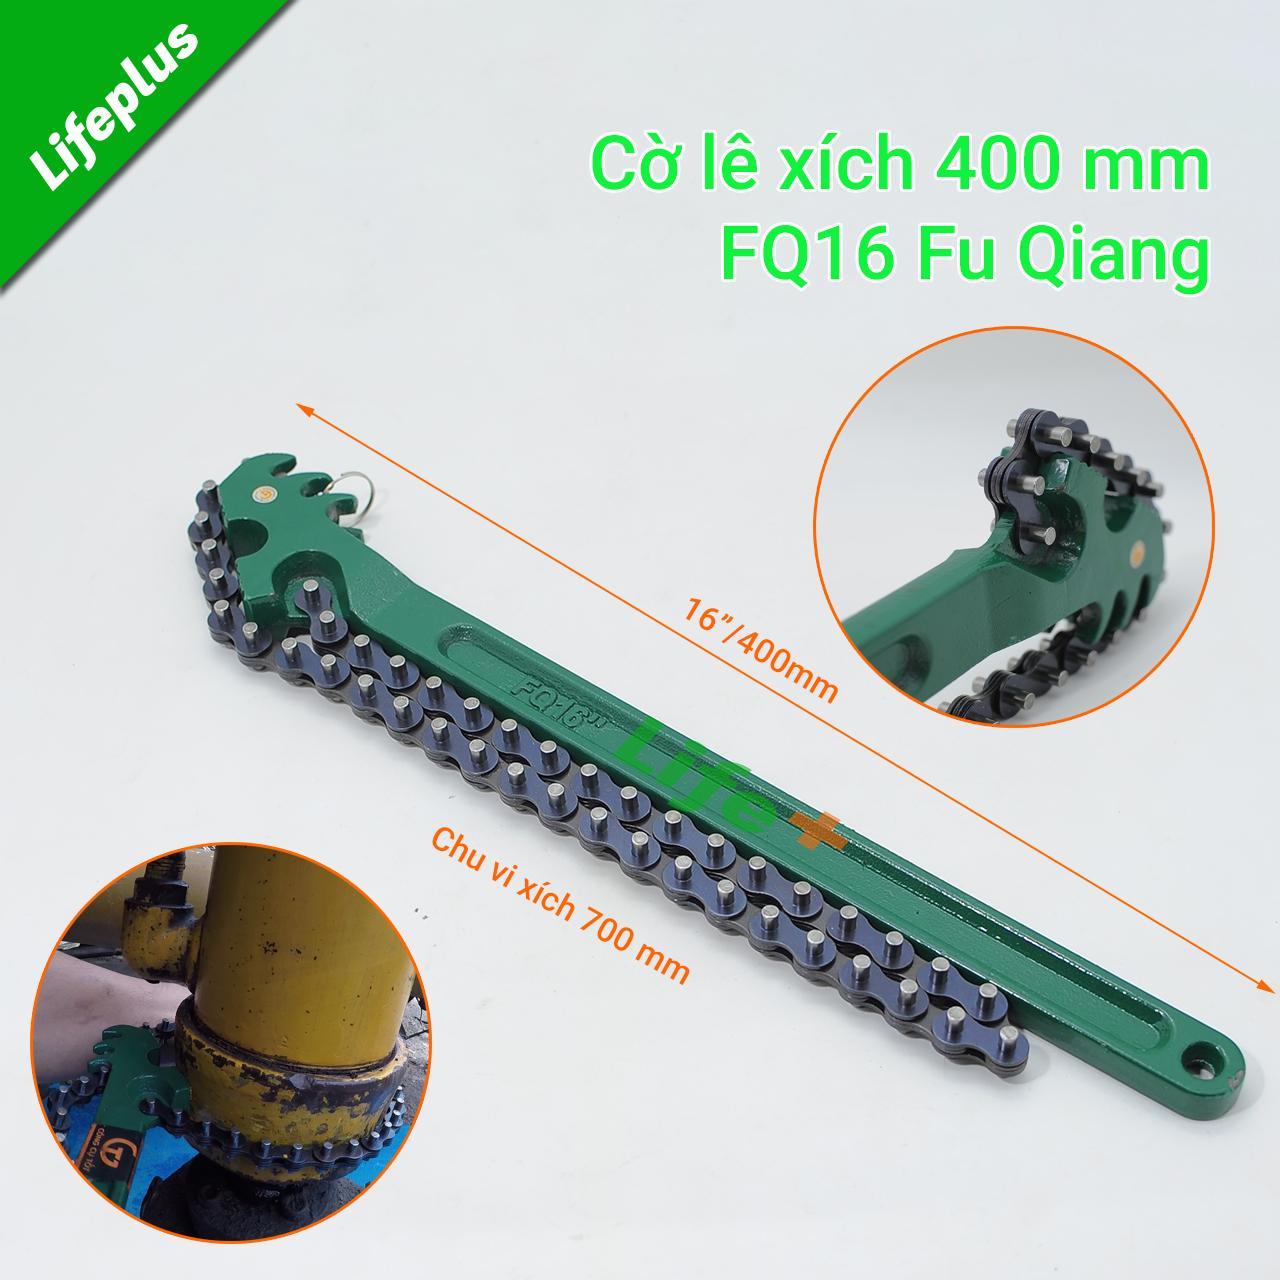 Cờ lê xích FQ16 400mm